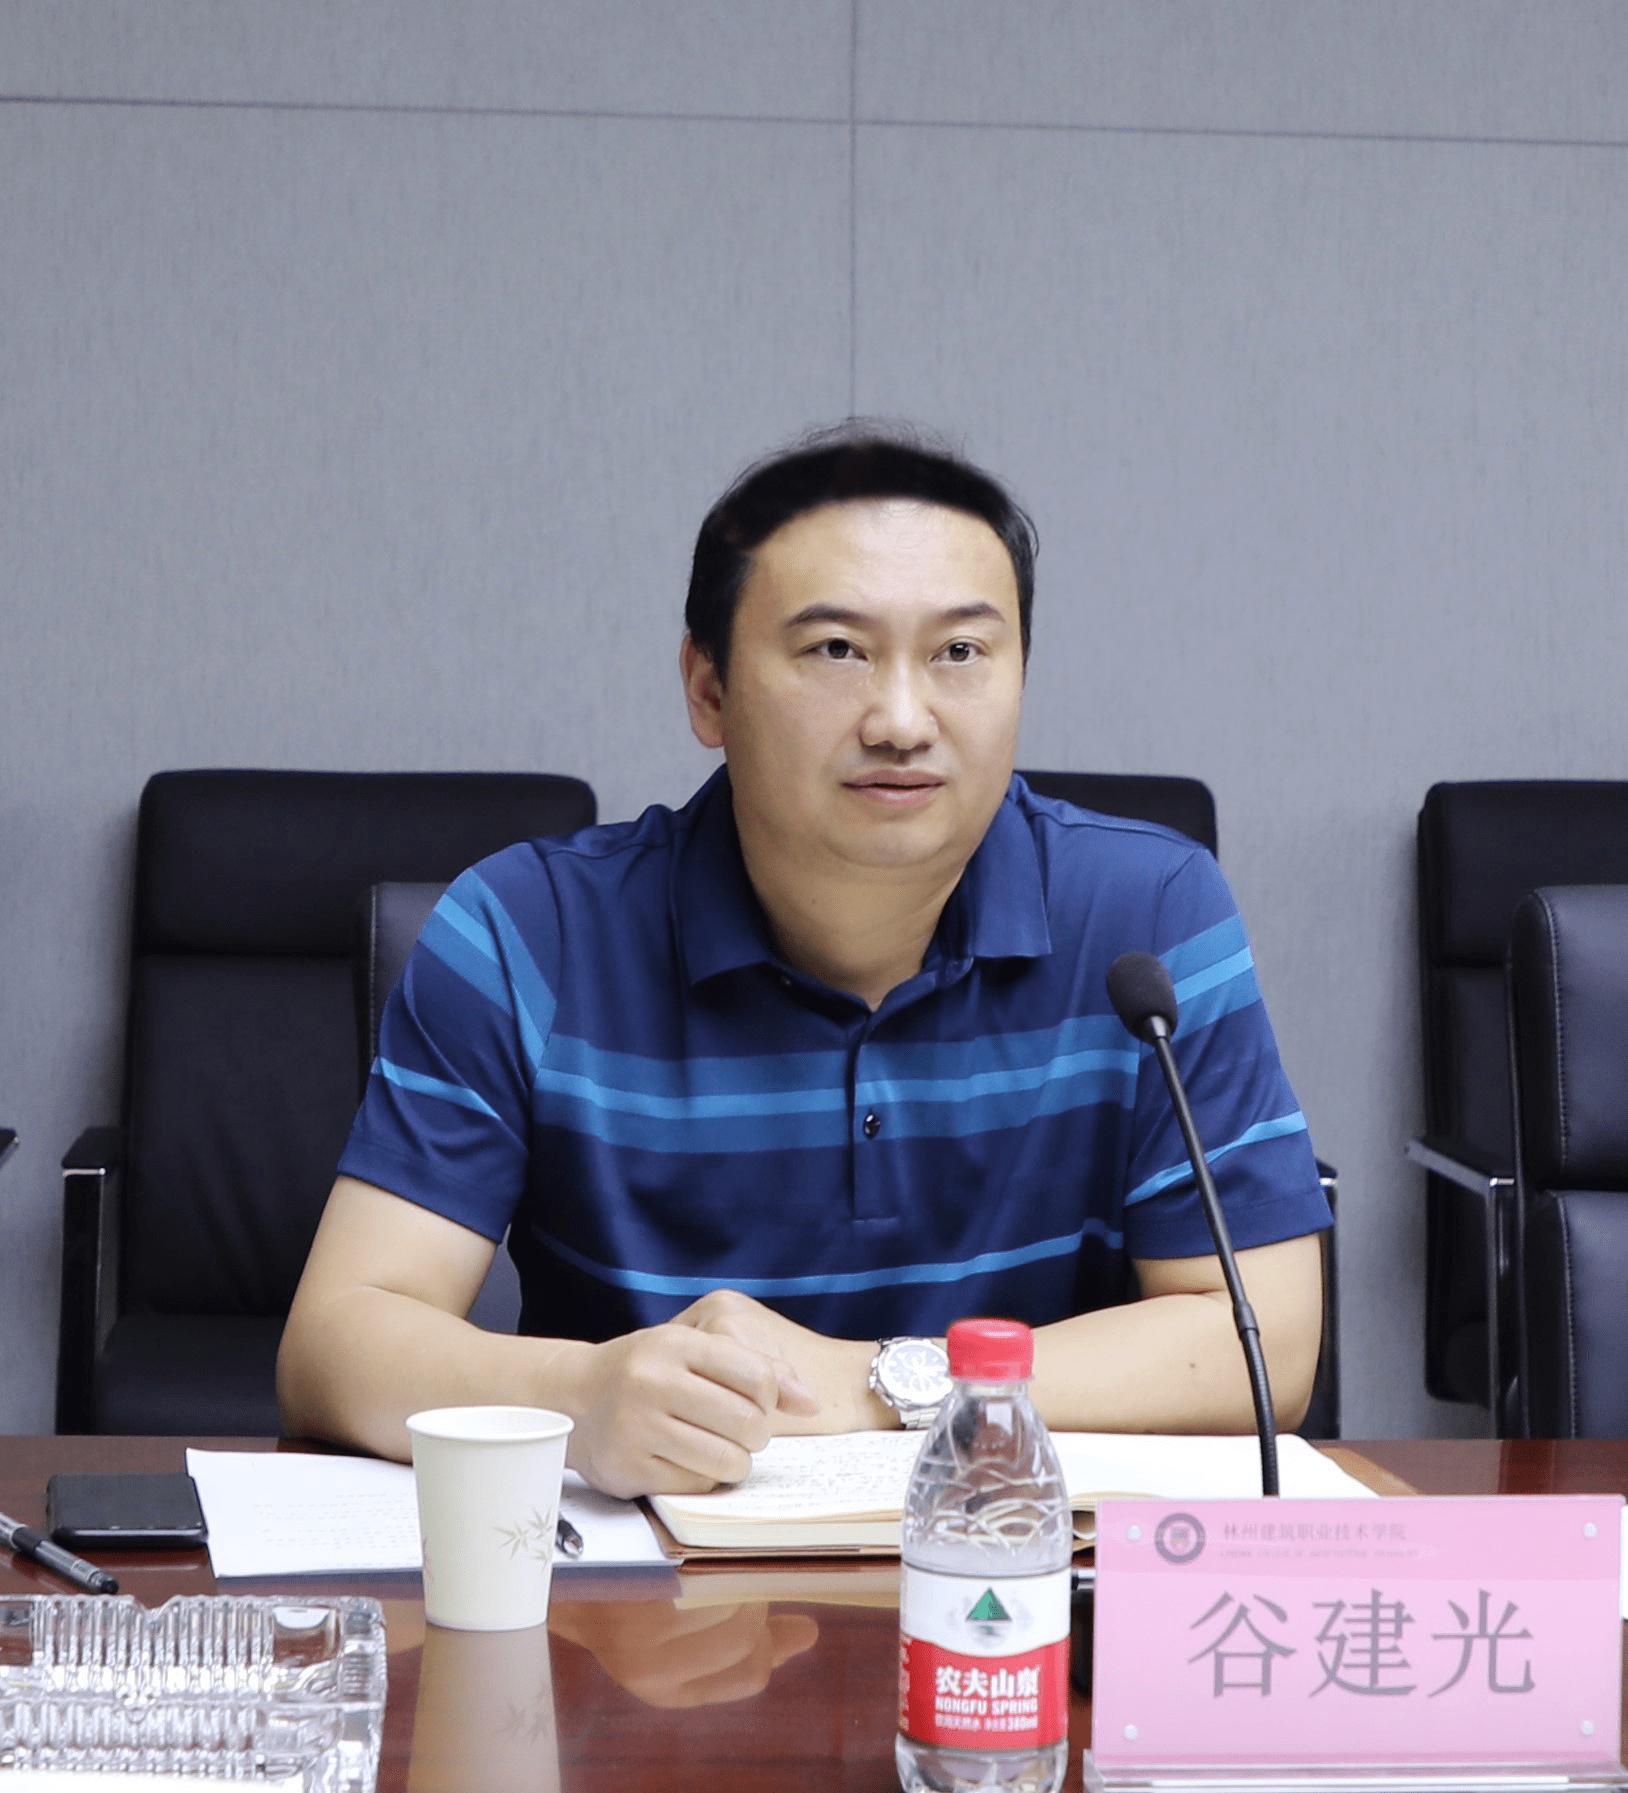 林州建筑職業技術學院召開第一次全體教職工會議